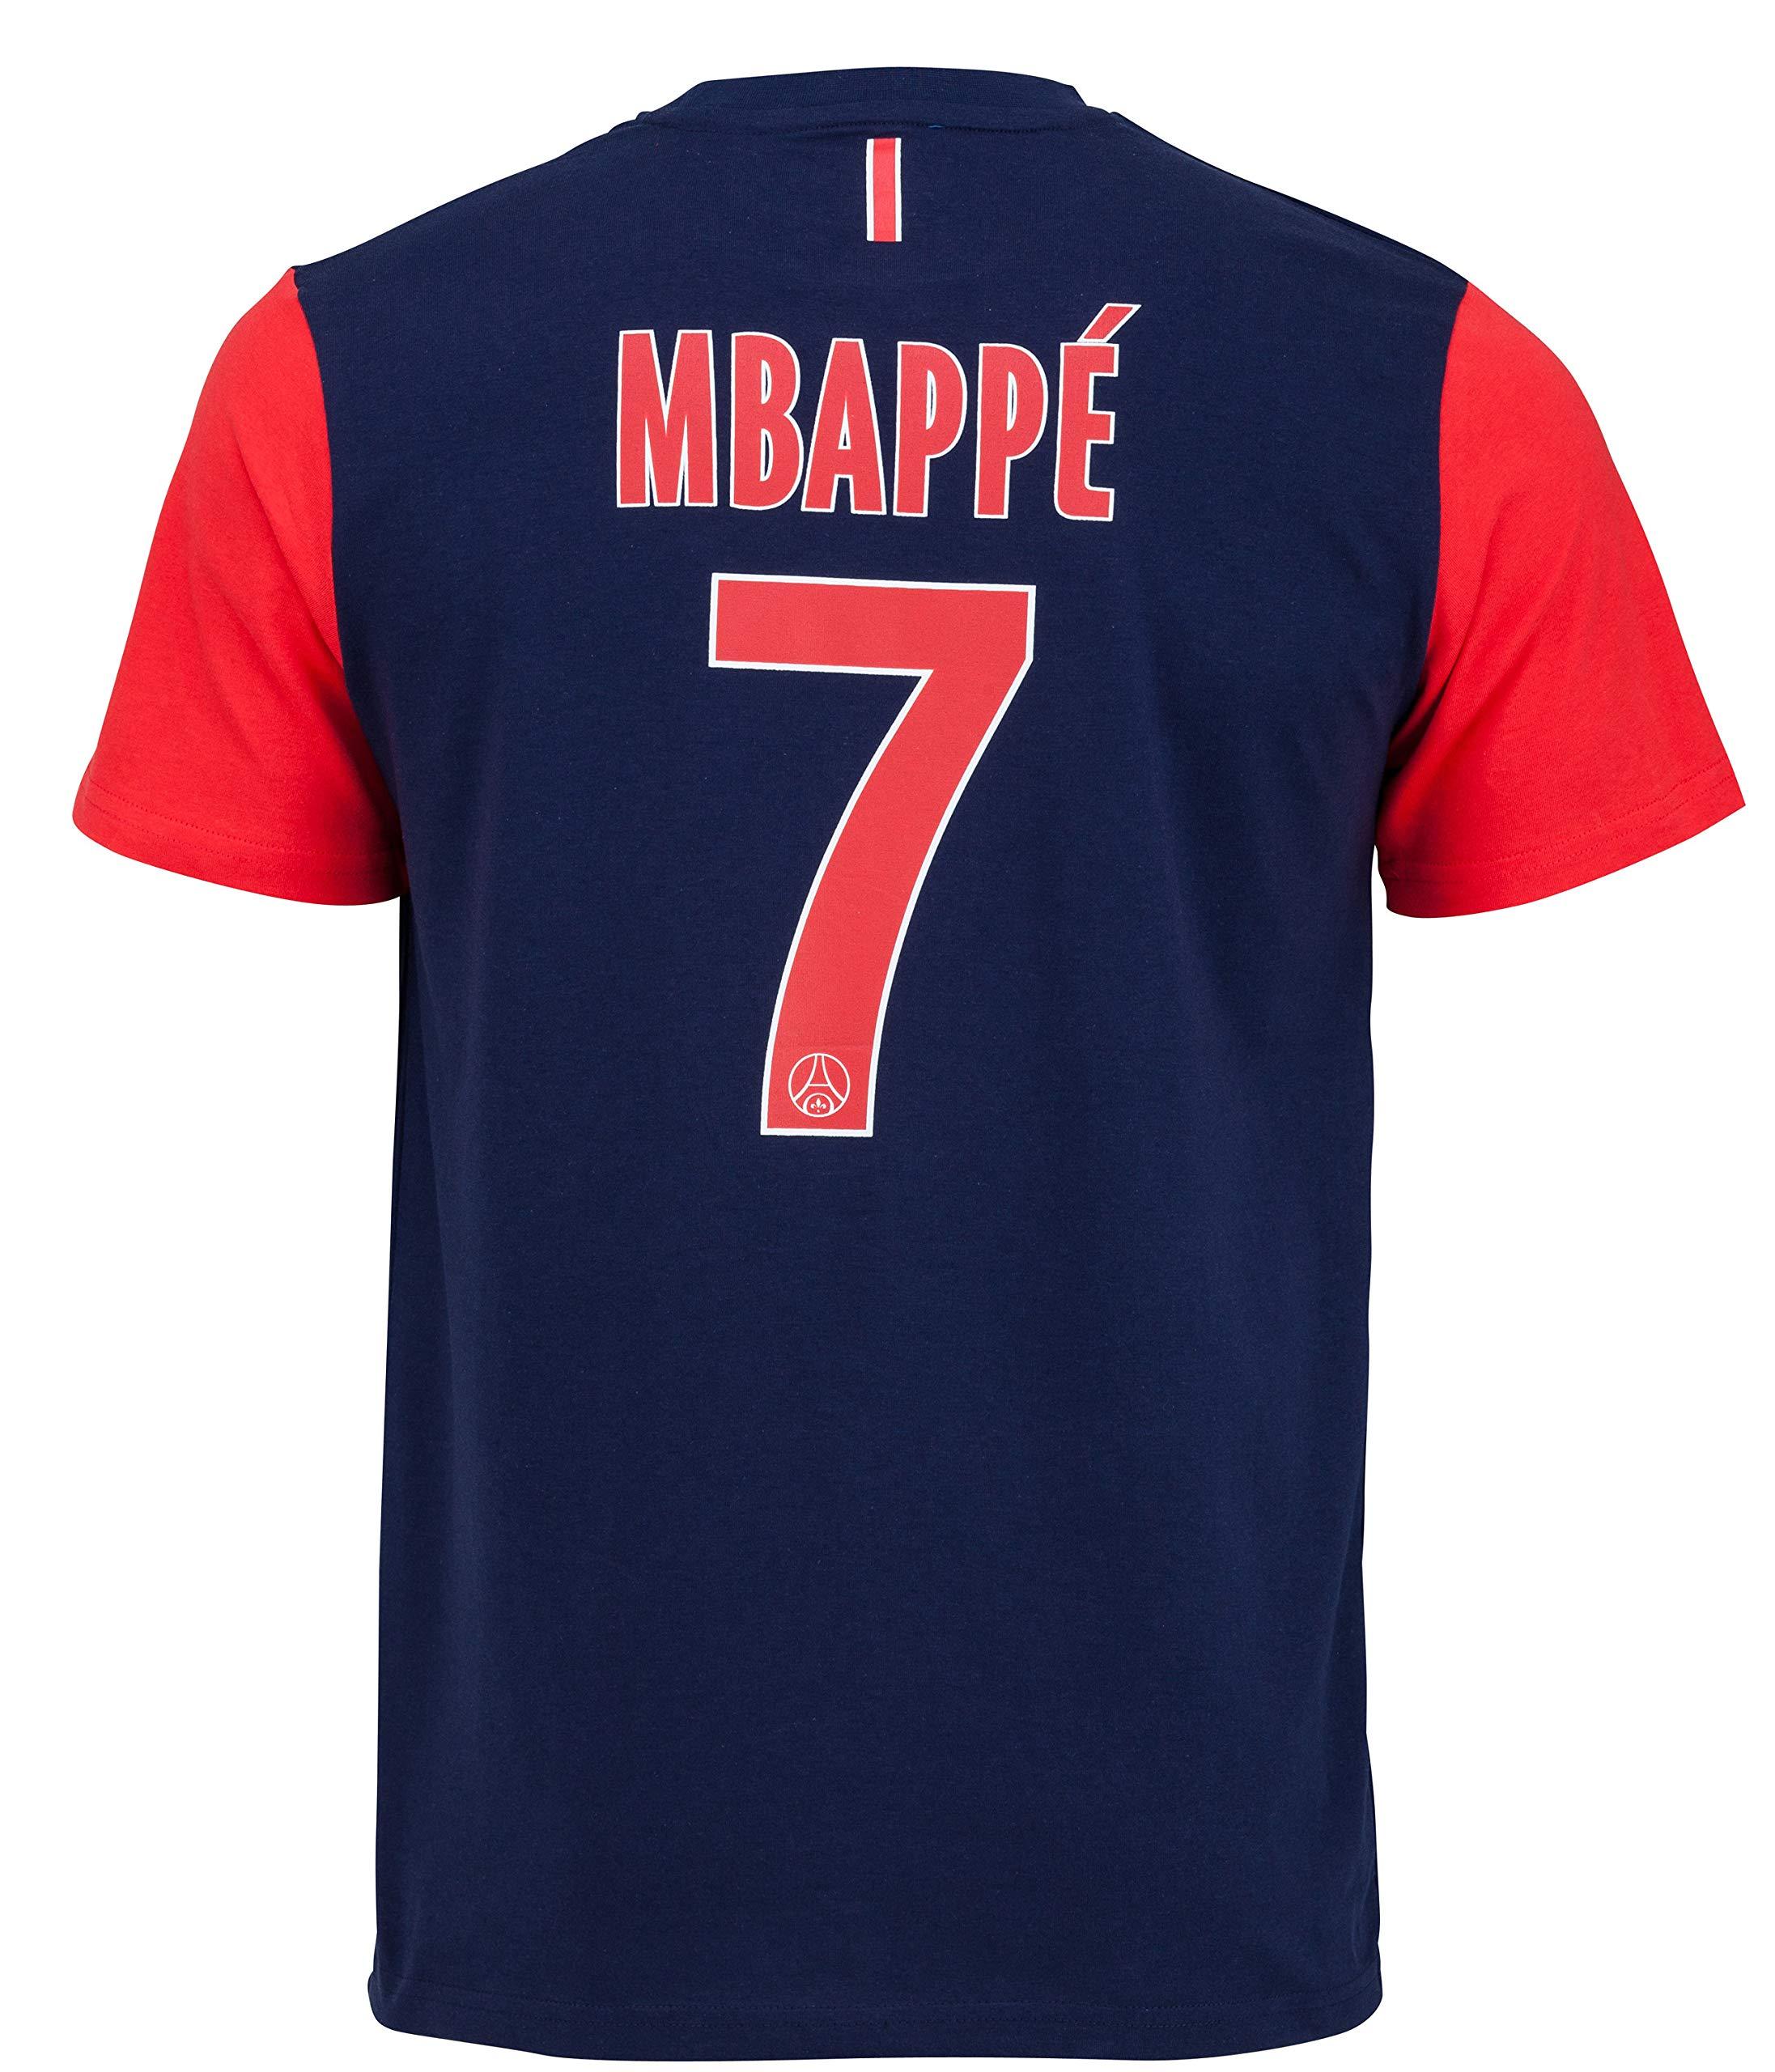 Paris Saint-Germain Official Collection Mens T-Shirt